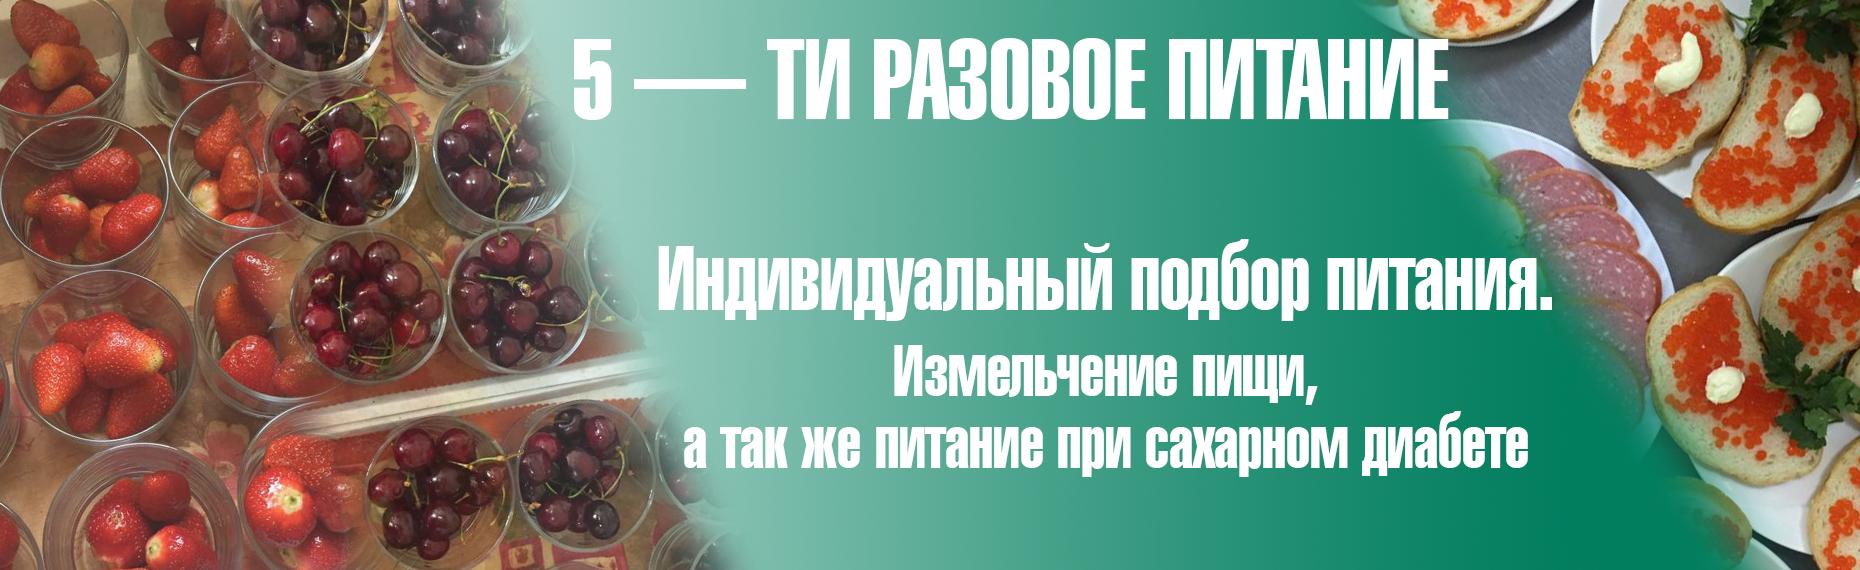 """Пансионат для пенсионеров - """"Семейный дом"""""""